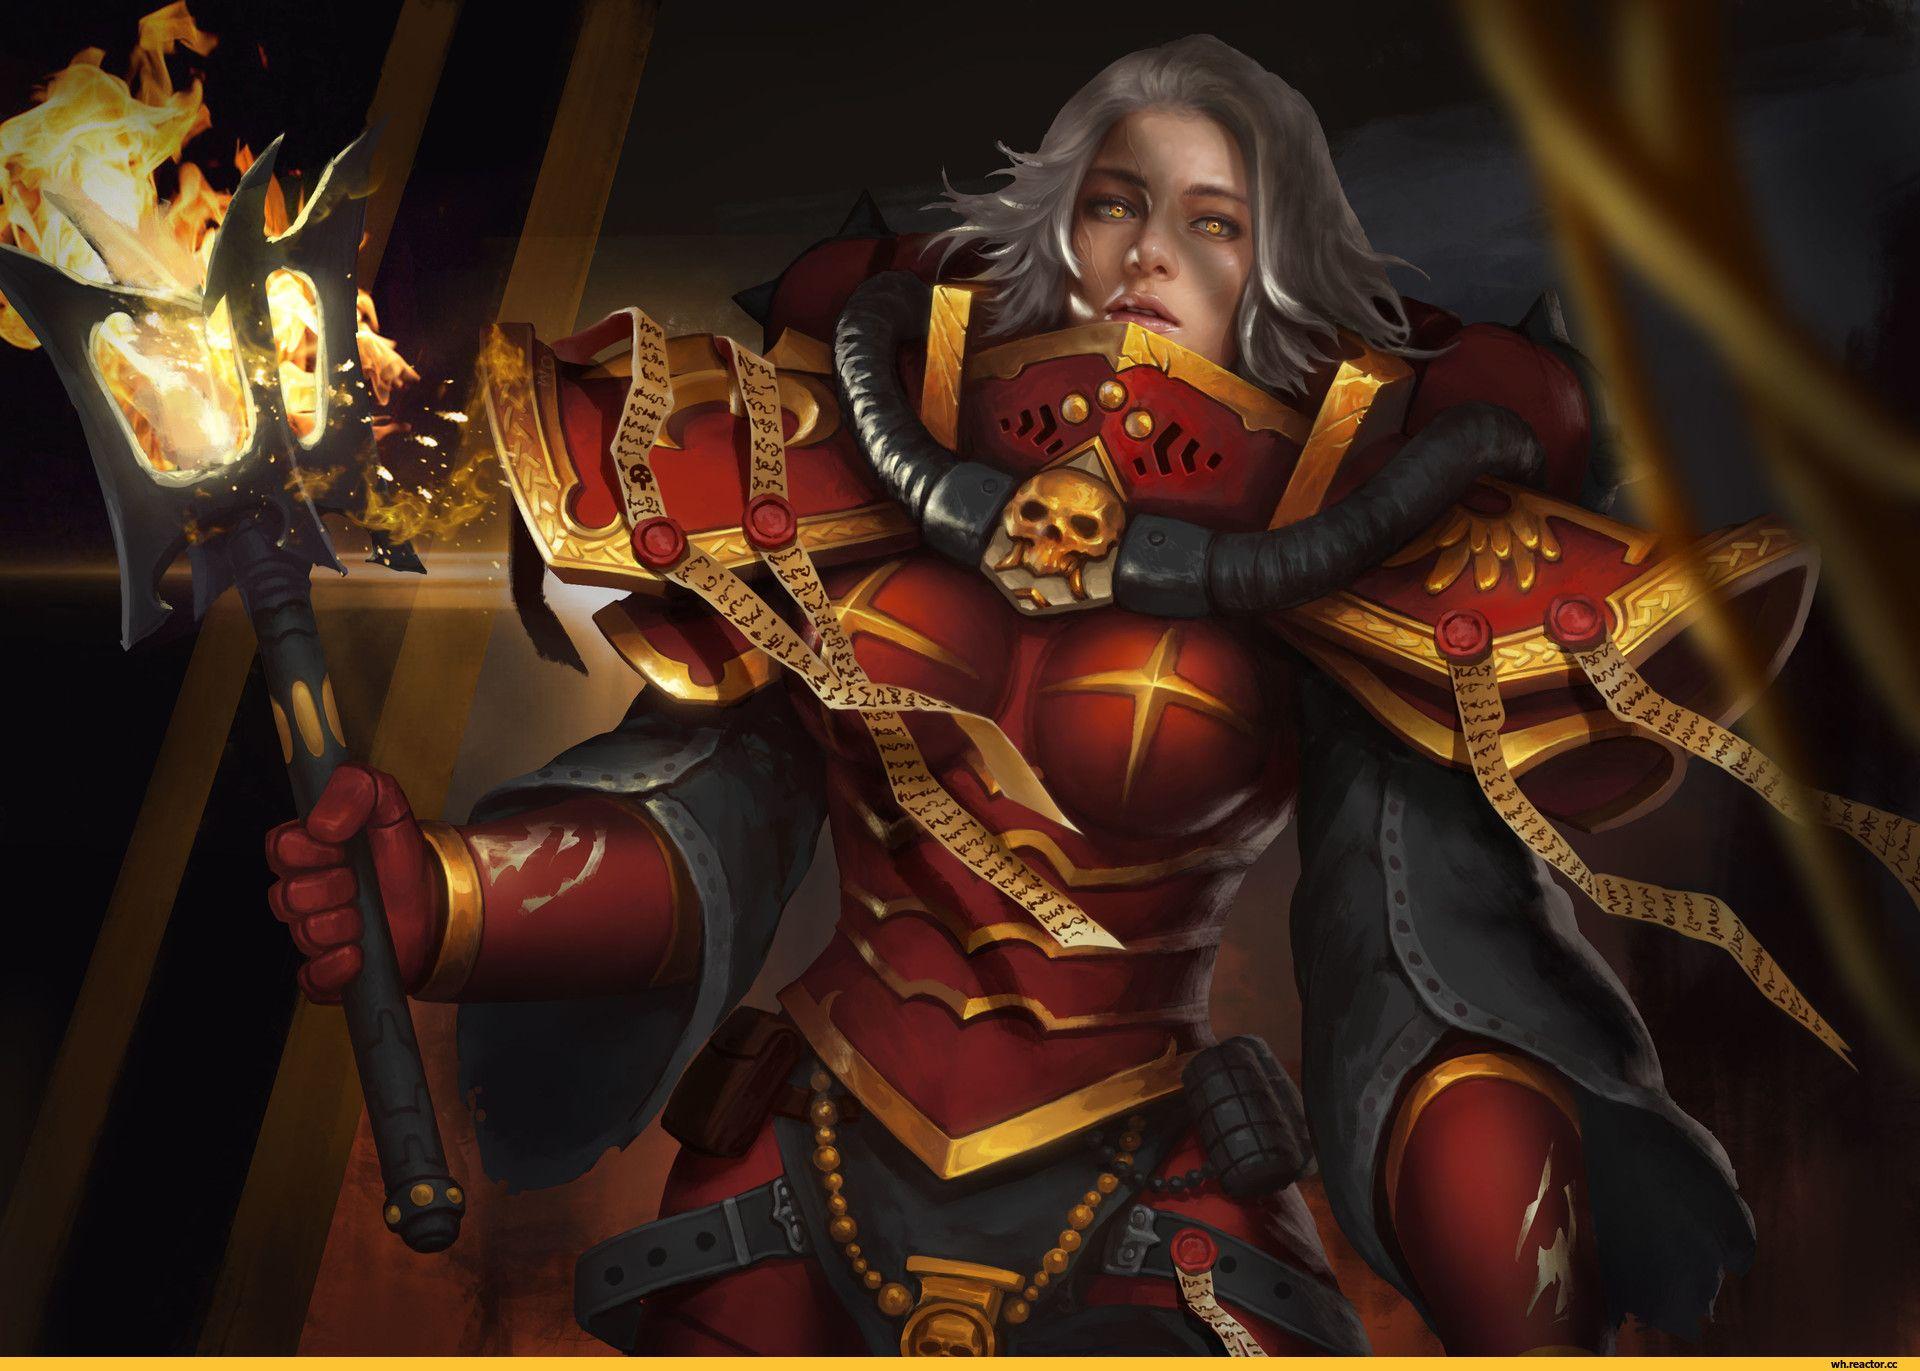 Warhammer 40000 (warhammer40000, warhammer40k, warhammer 40k, ваха, сорокотысячник) :: сообщество фанатов / красивые картинки и арты, гифки, прикольные комиксы, интересные статьи по теме.